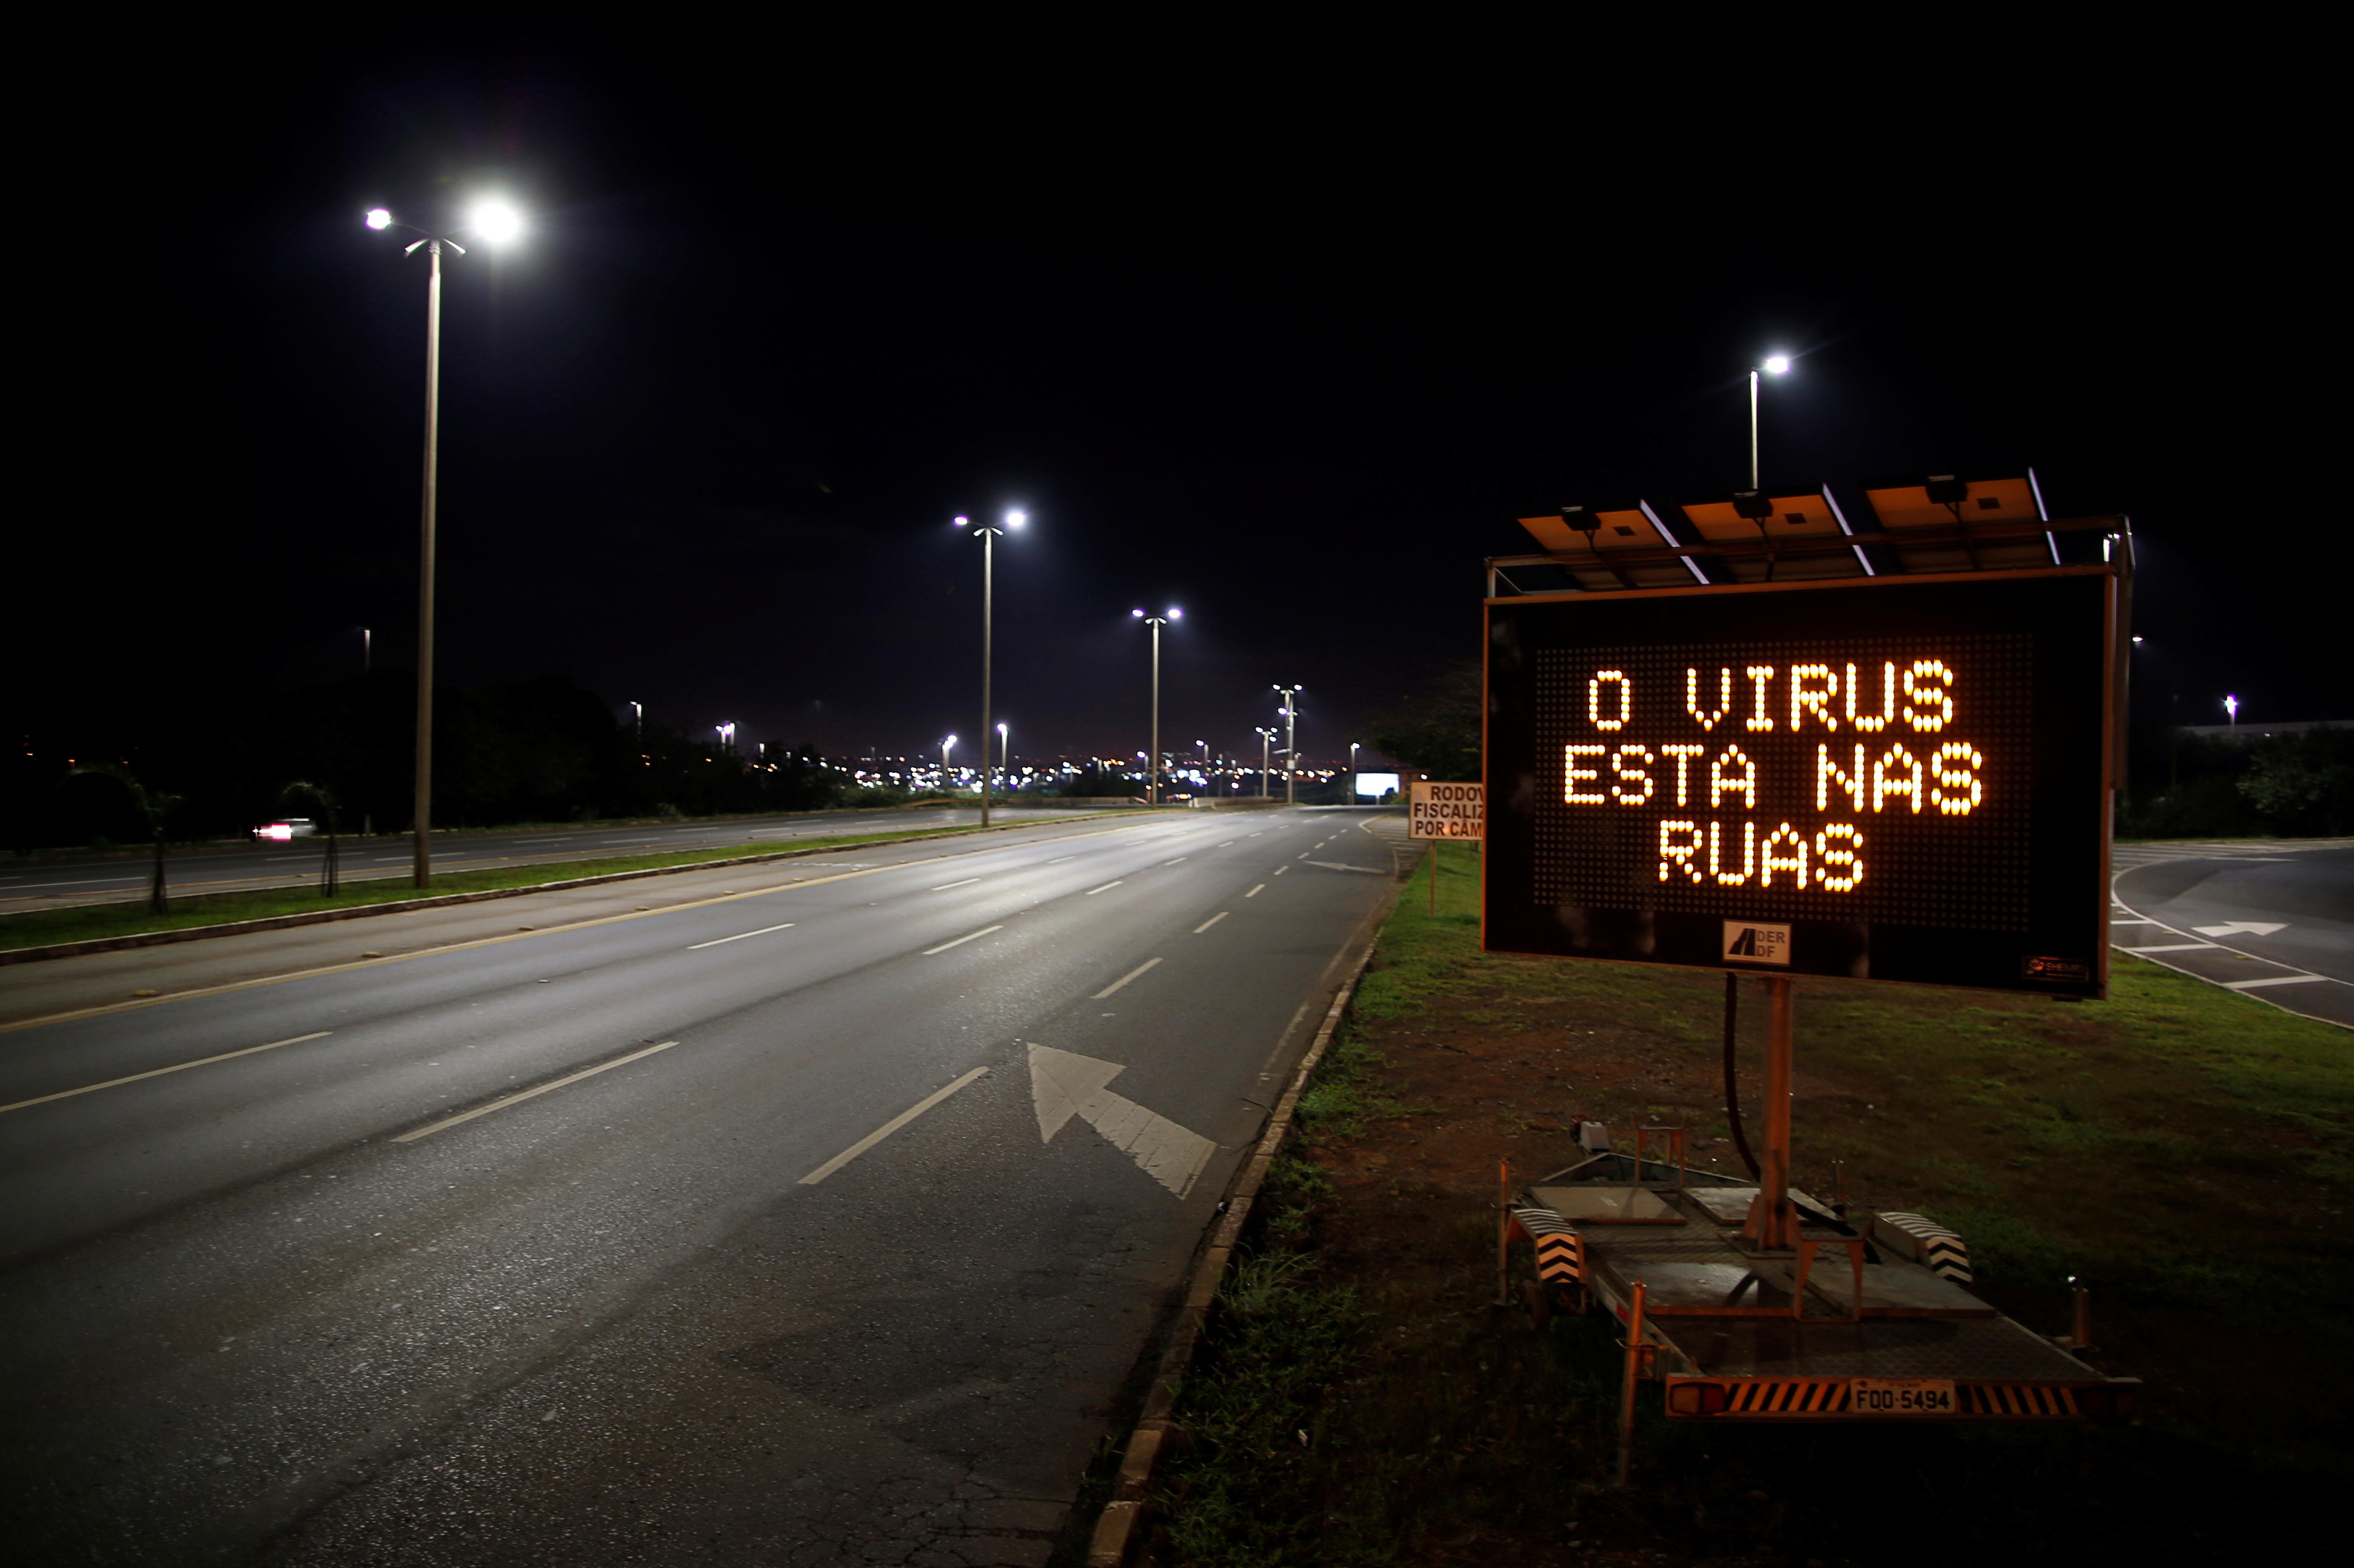 Una señalética de tránsito hace referencia al nuevo coronavirus en Brasilia, Brasil (REUTERS/Ueslei Marcelino)